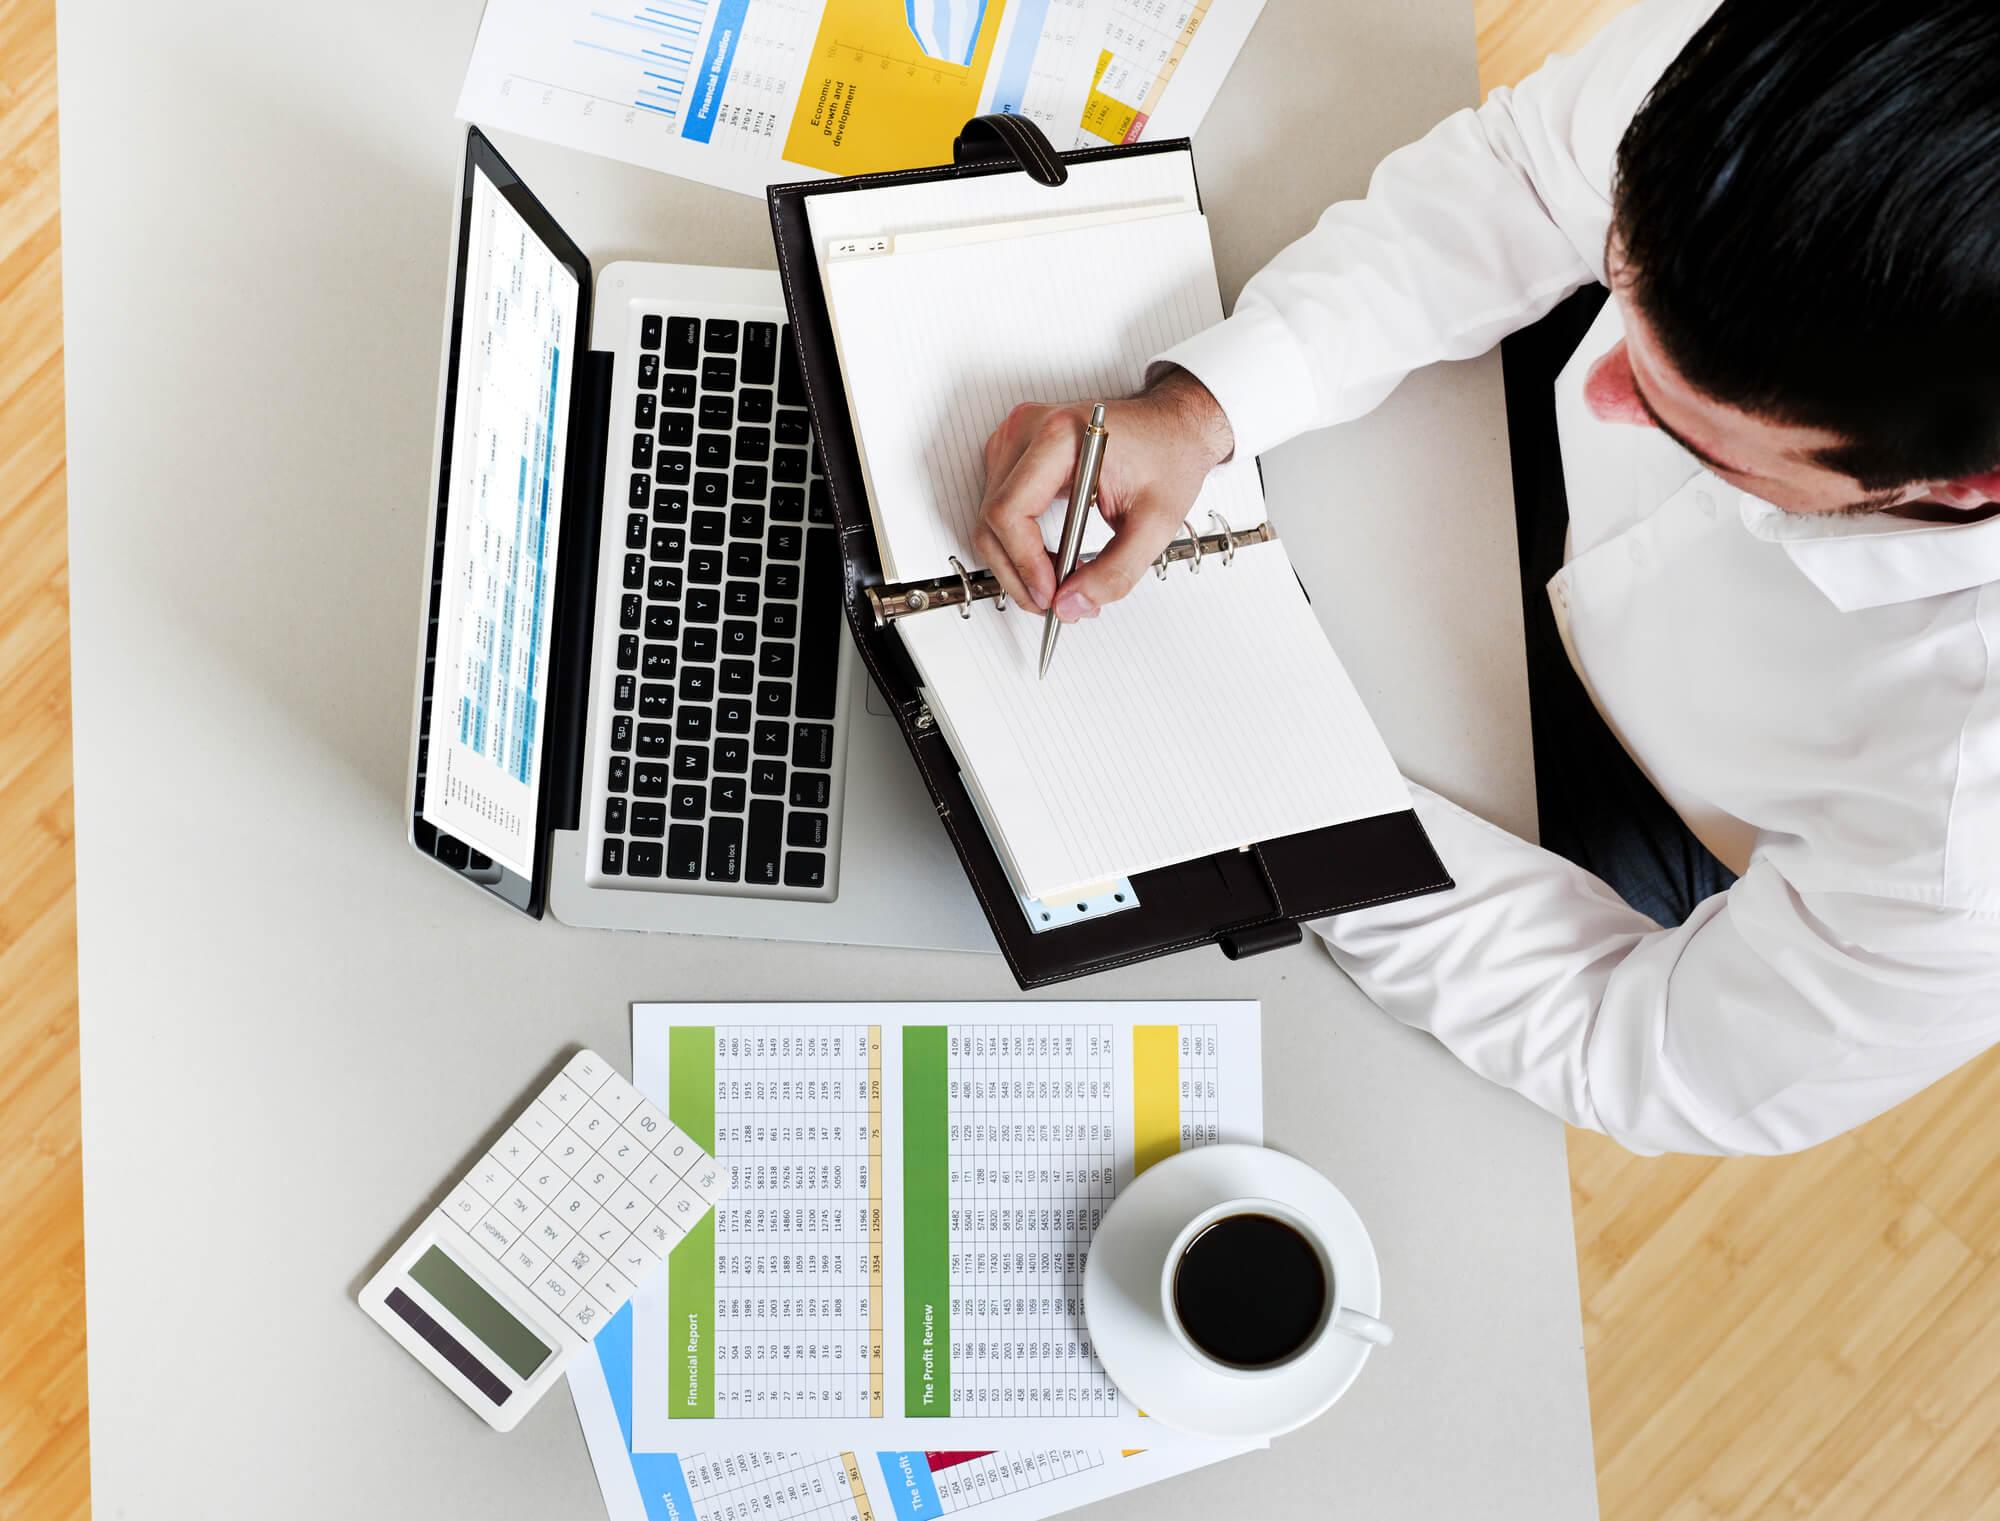 4-dicas-para-realizar-o-planejamento-financeiro-da-sua-empresa.jpeg